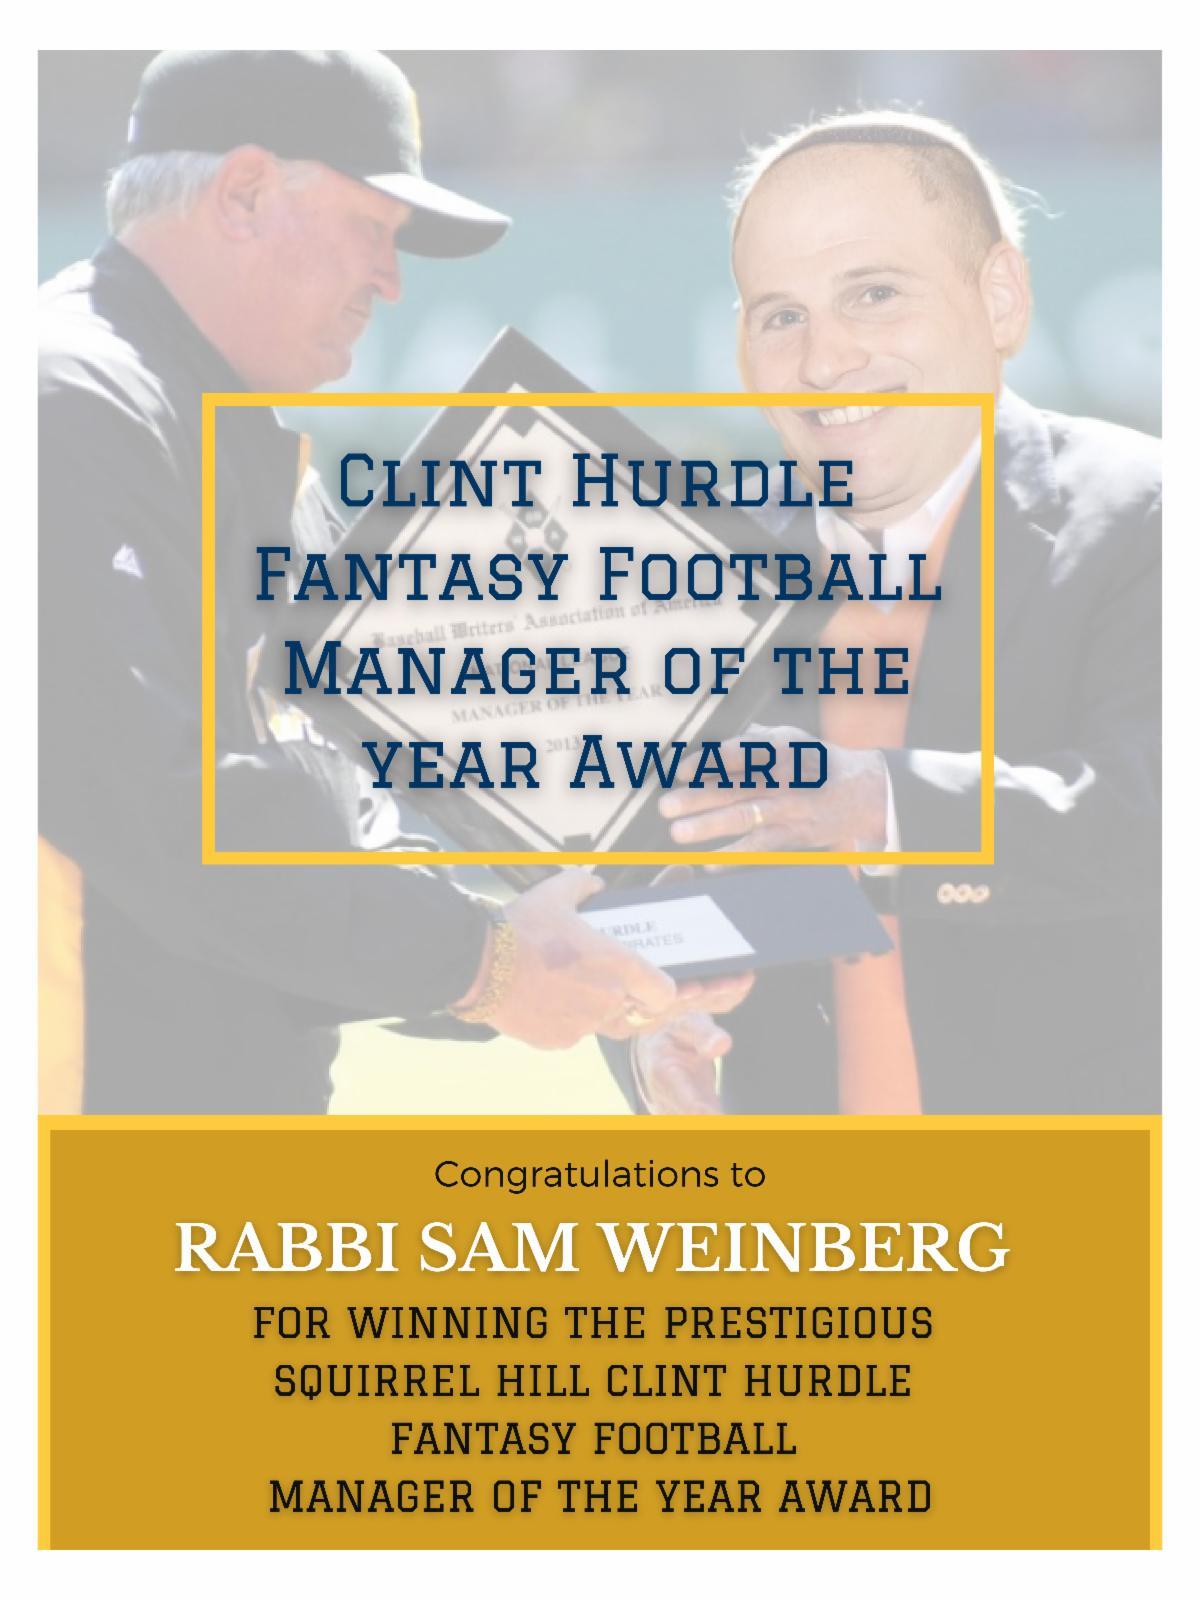 Clint Hurdle Fantasy Football Manager of the year Award.jpg